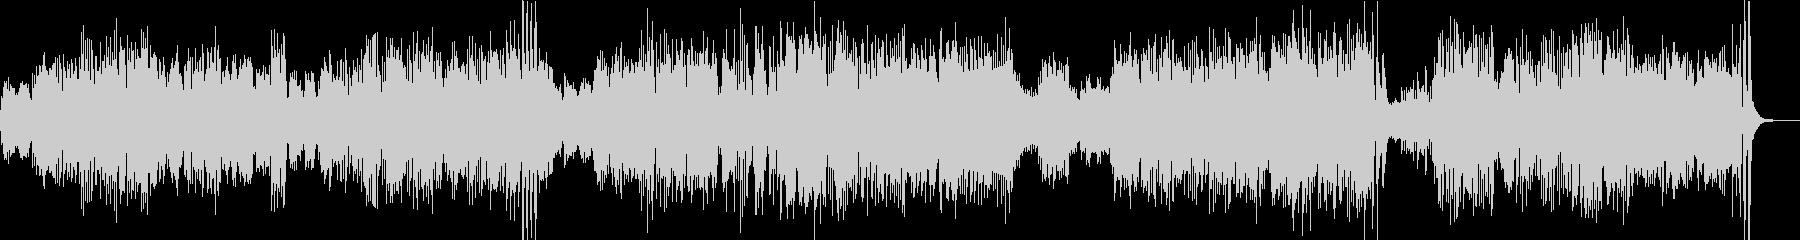 ベートーベン/バイオリンソナタ8–3の未再生の波形